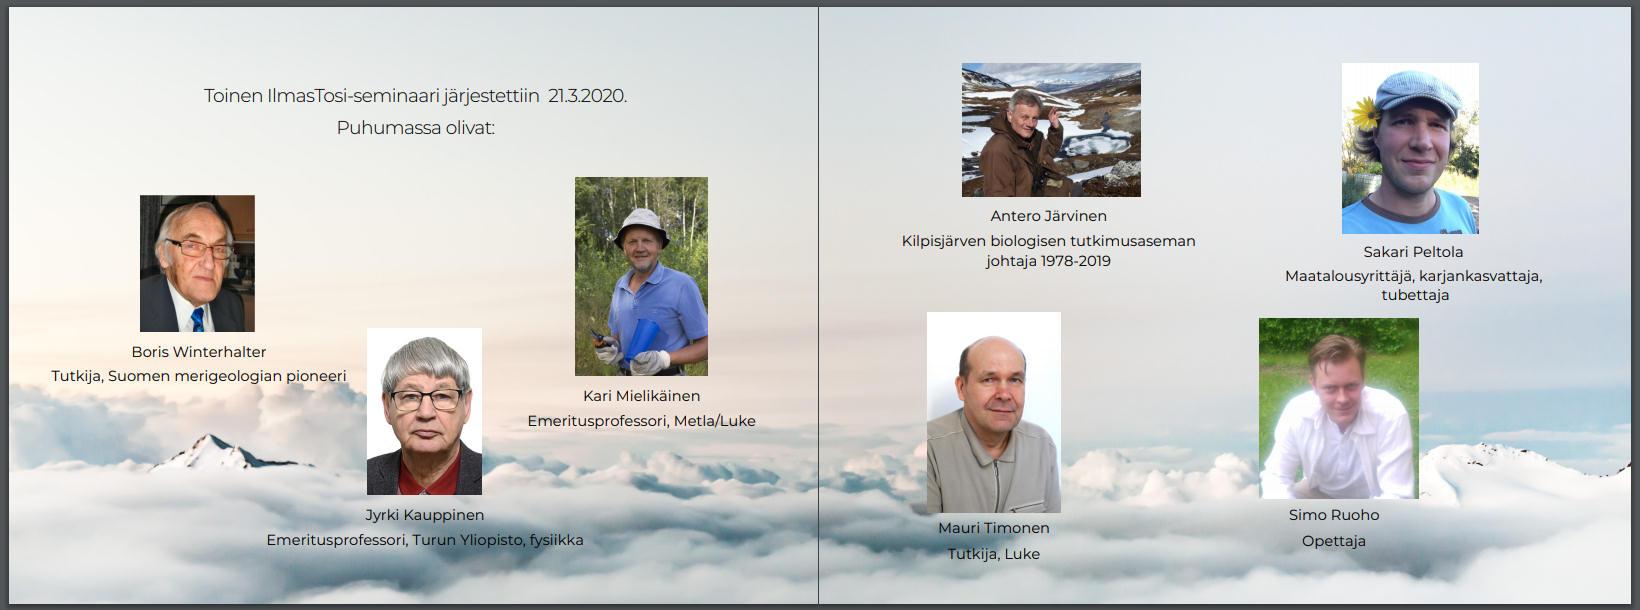 Ilmastosi -seminaarin puhujat